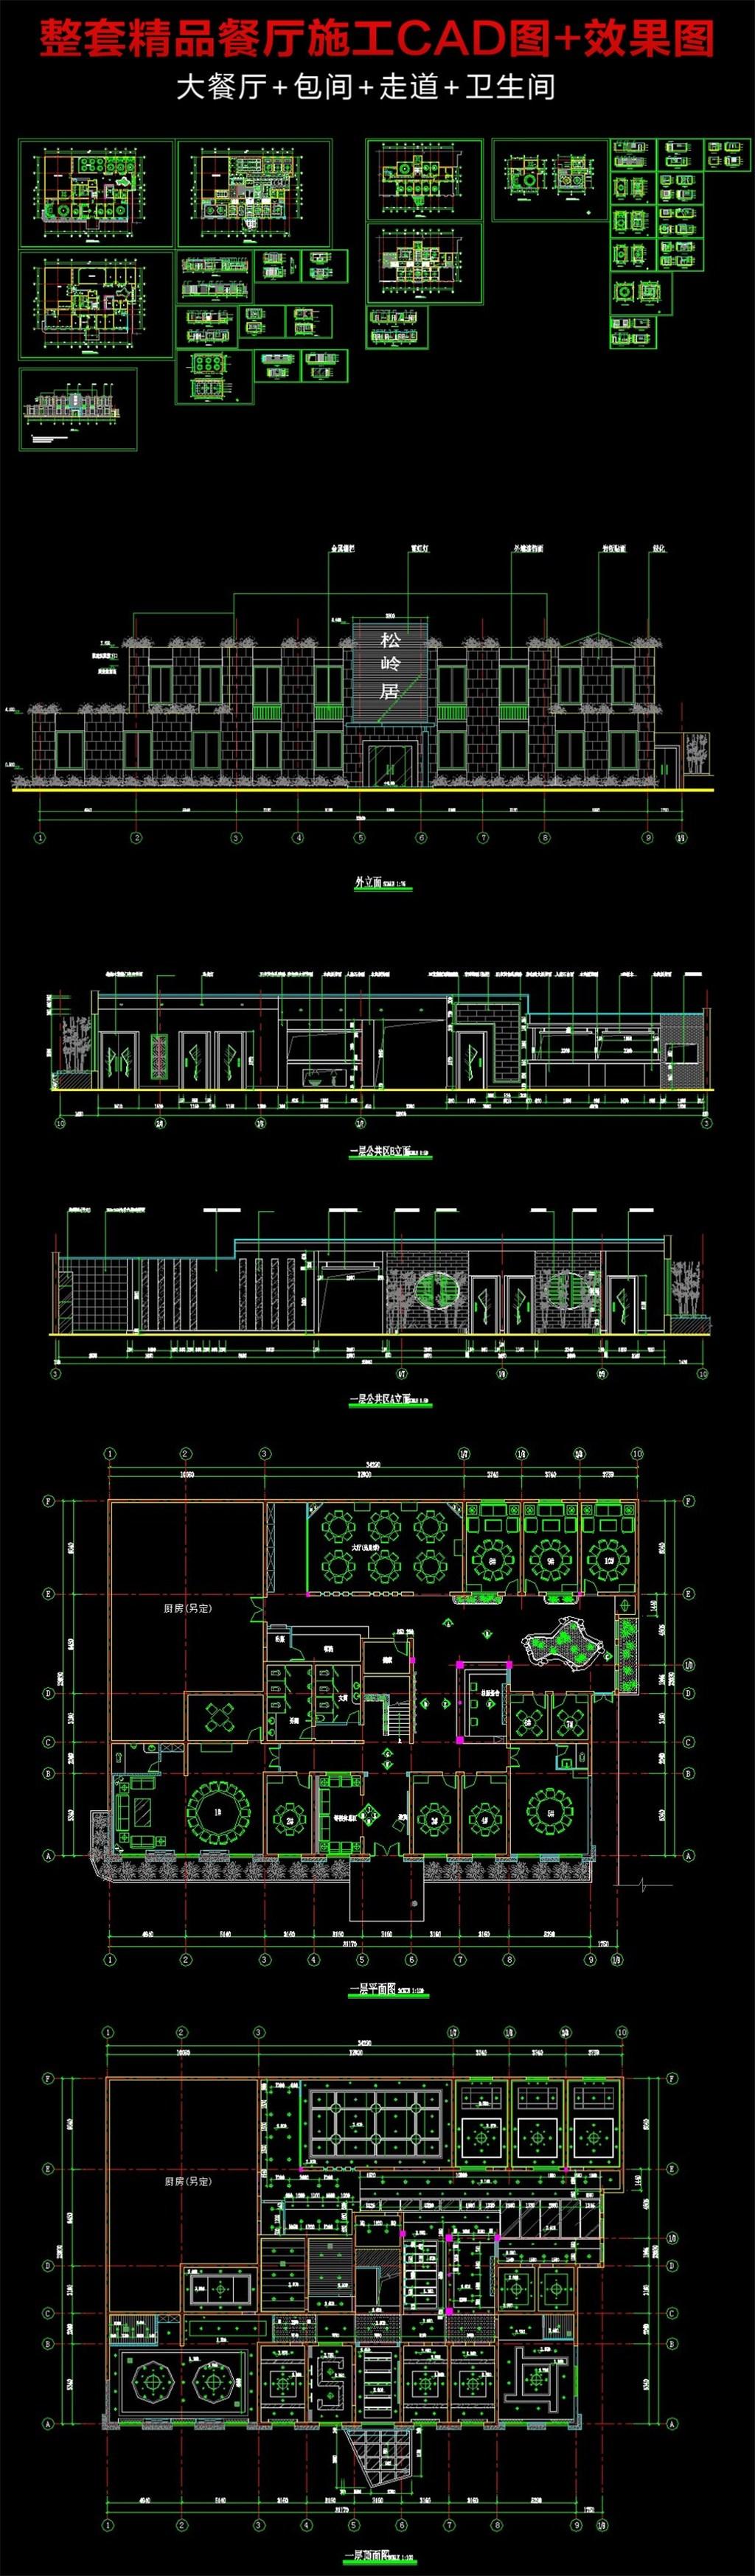 酒楼 餐厅cad公装效果图 高档餐厅 现代风格 大餐厅 大堂设计 门厅